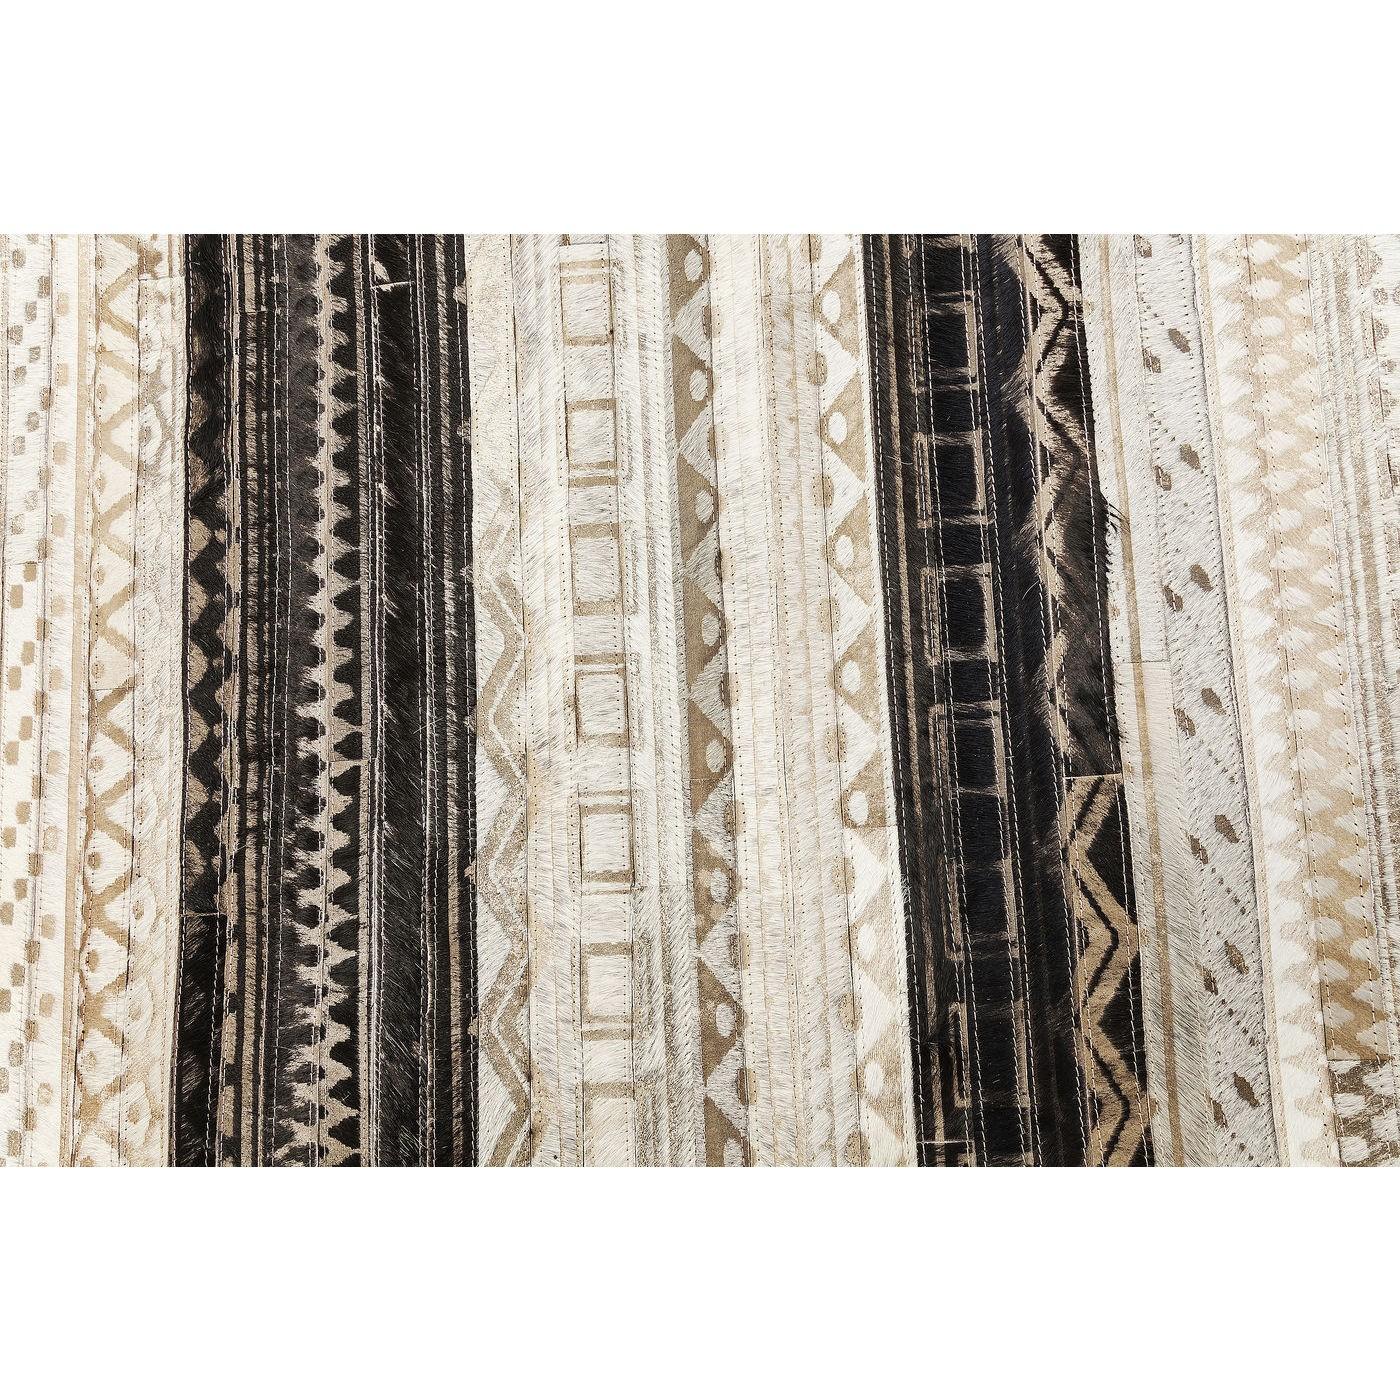 Billede af Tæppe Hieroglyphics Stripes 240 x 170 cm